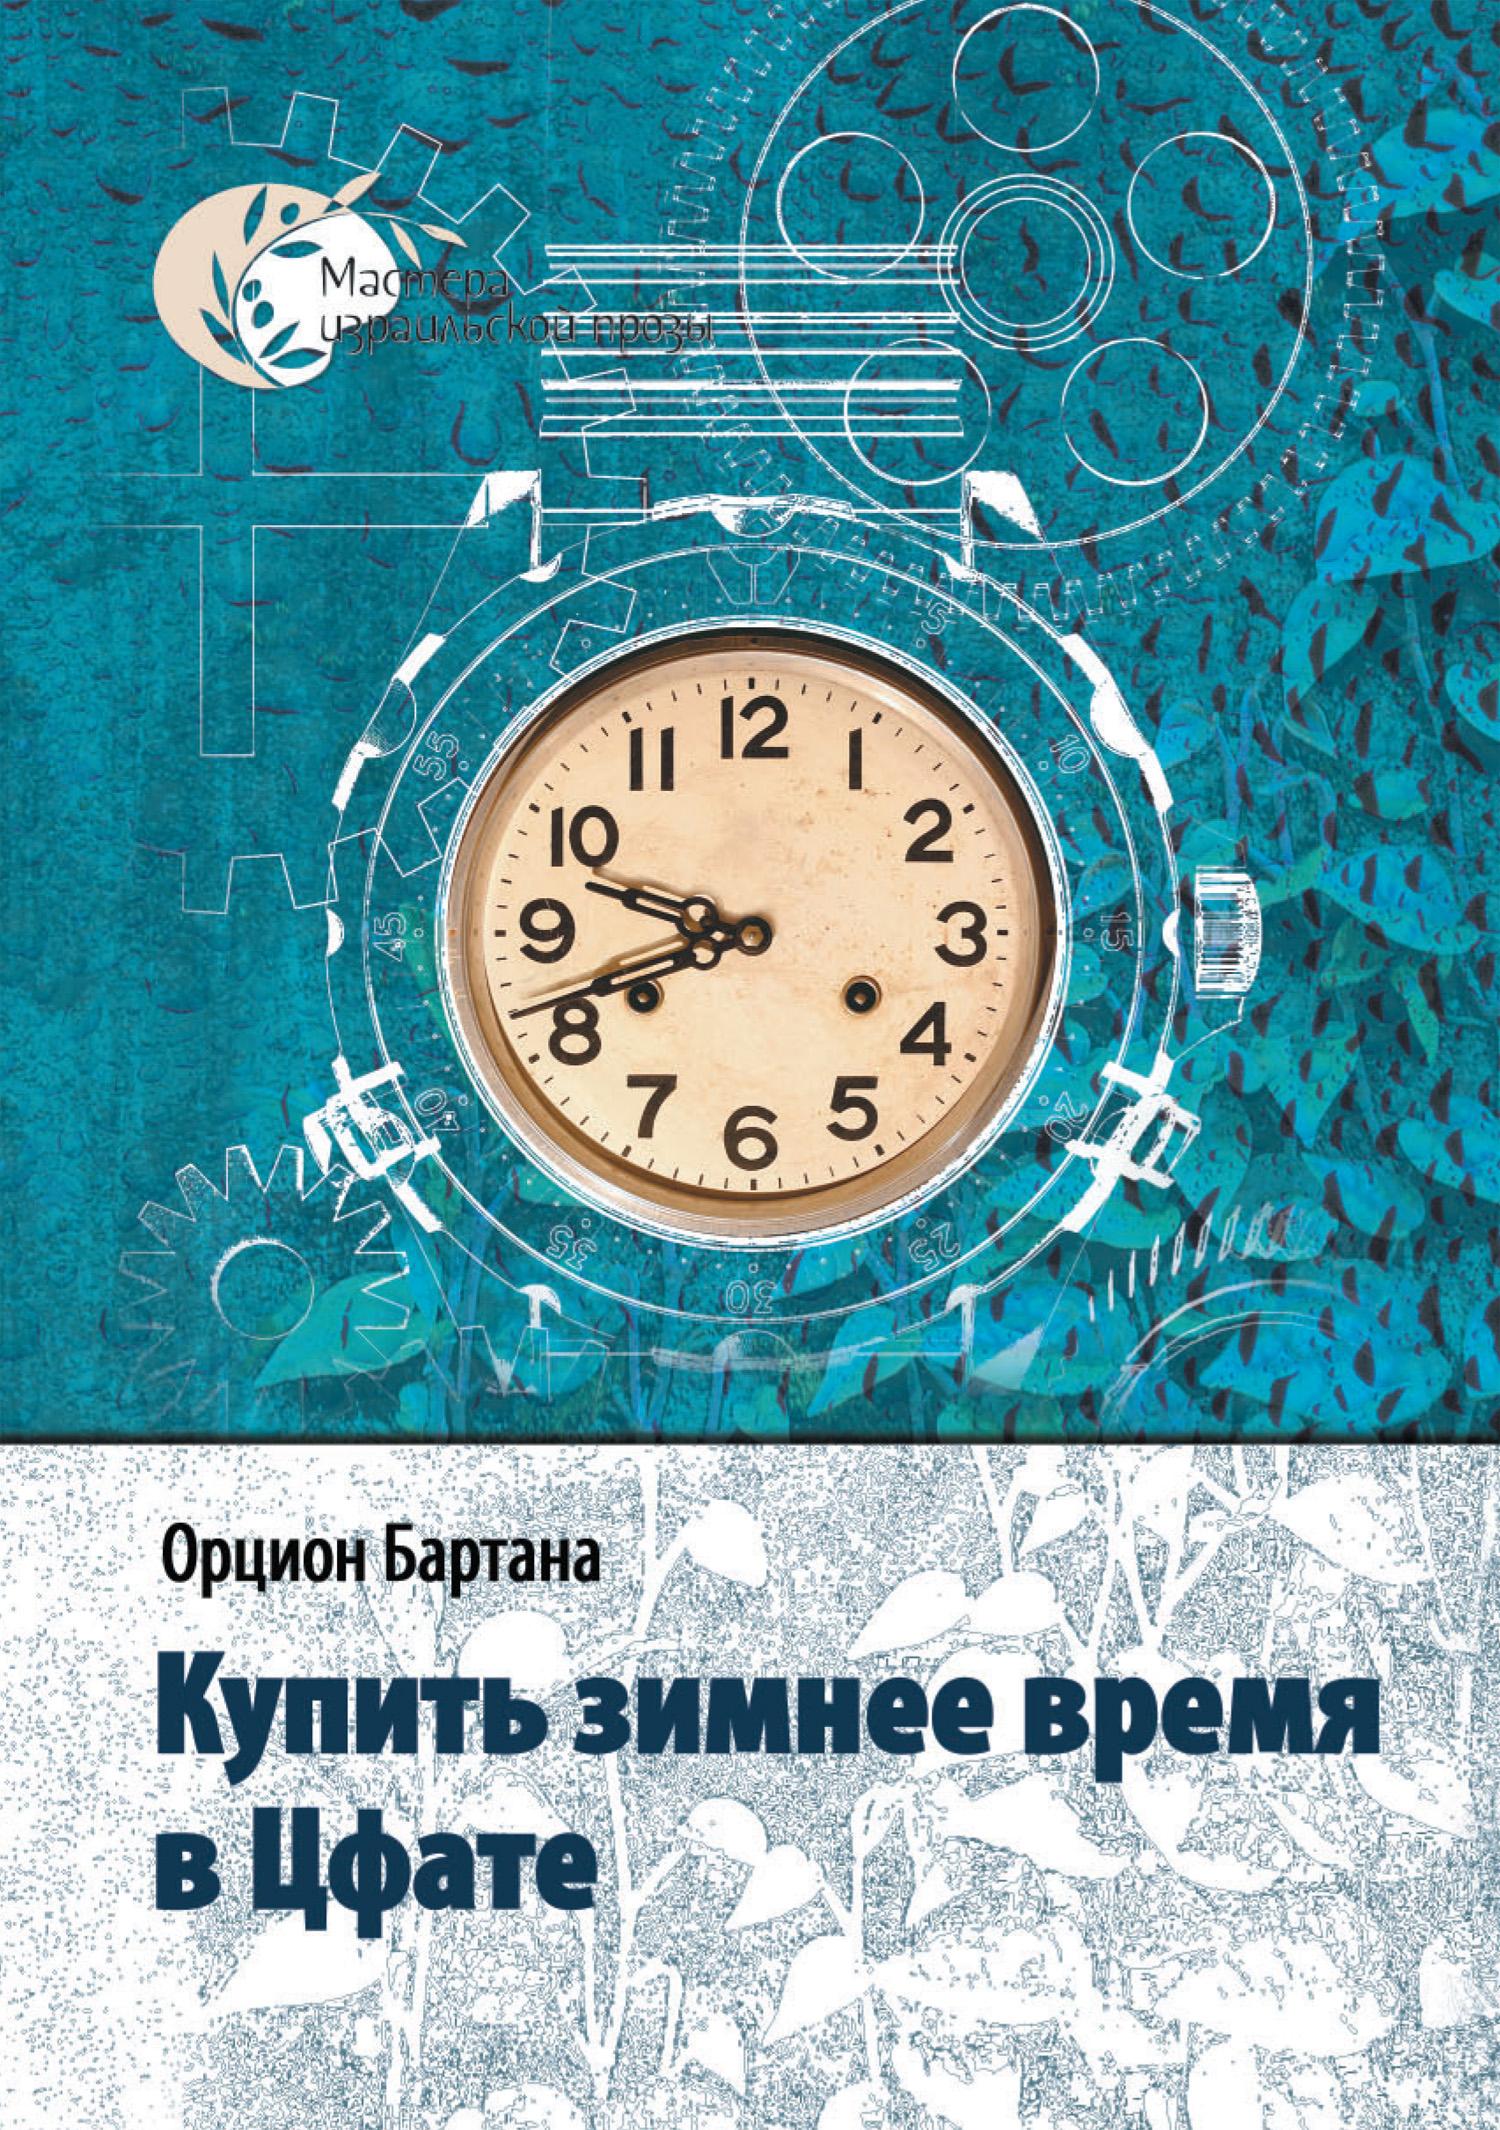 Орцион Бартана Купить зимнее время в Цфате (сборник) miami hotel 3 тель авив